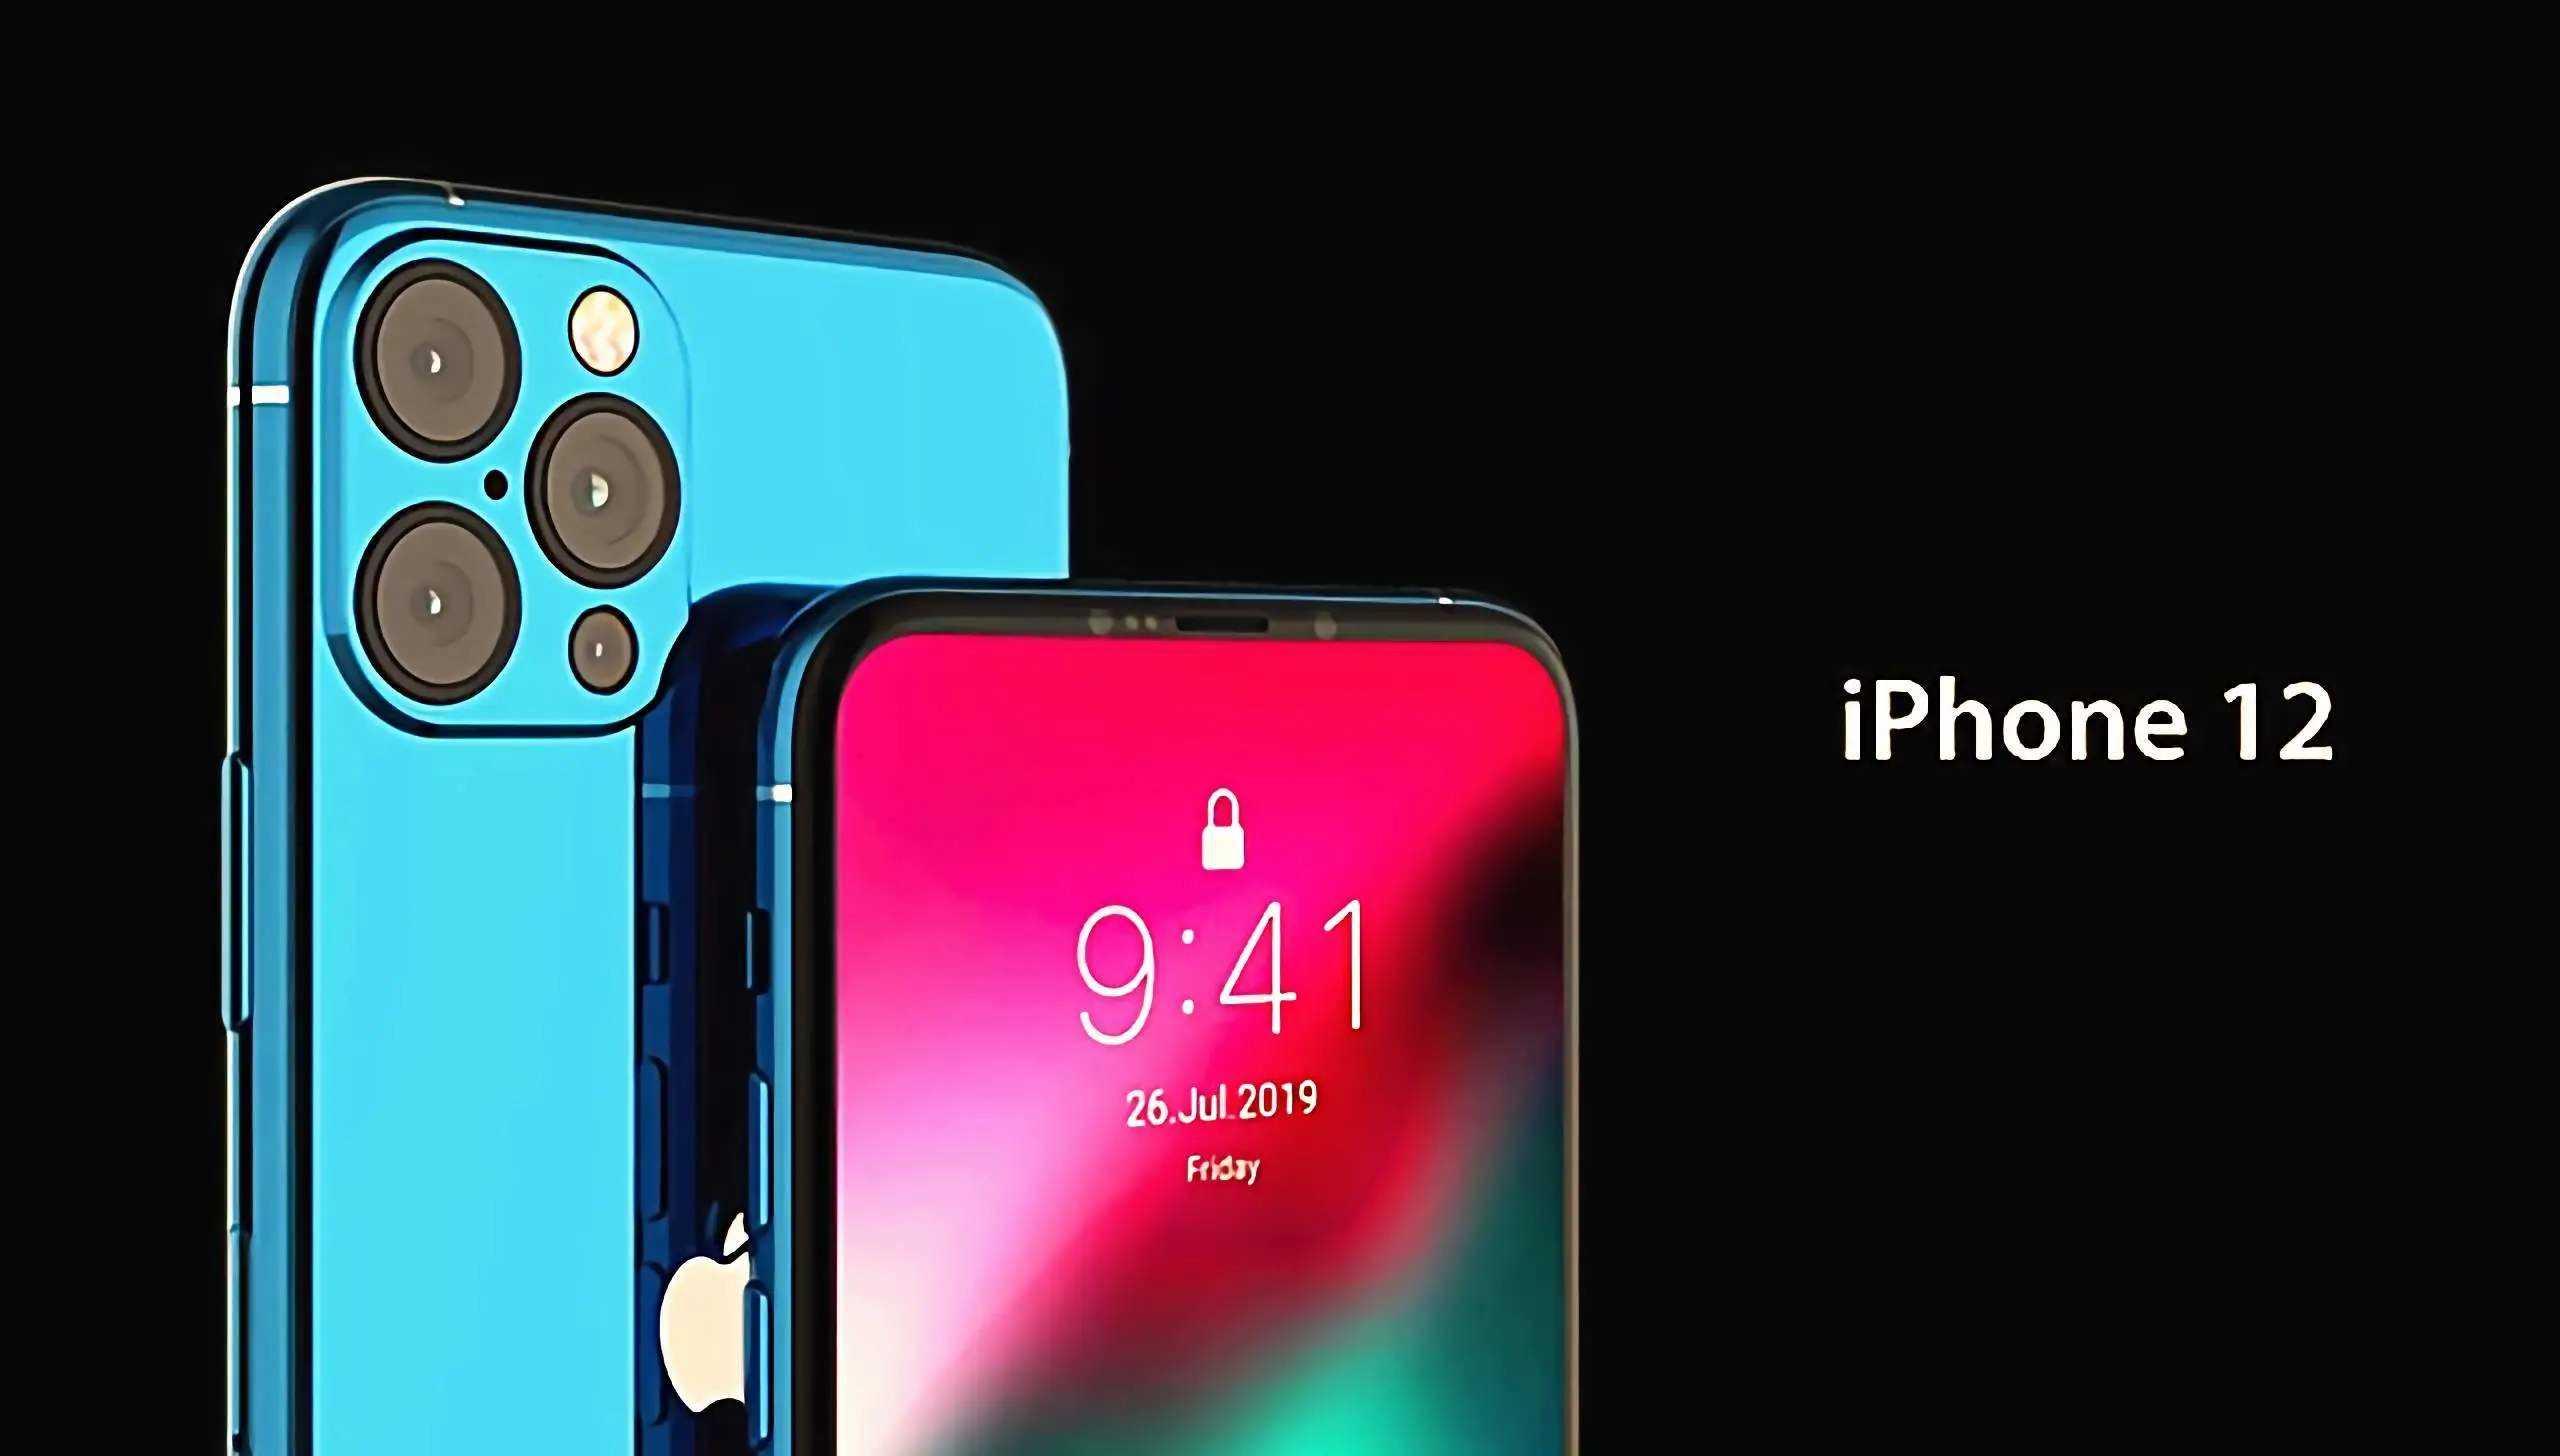 iphone12玩游戏怎么样_iphone12玩游戏电池续航多少